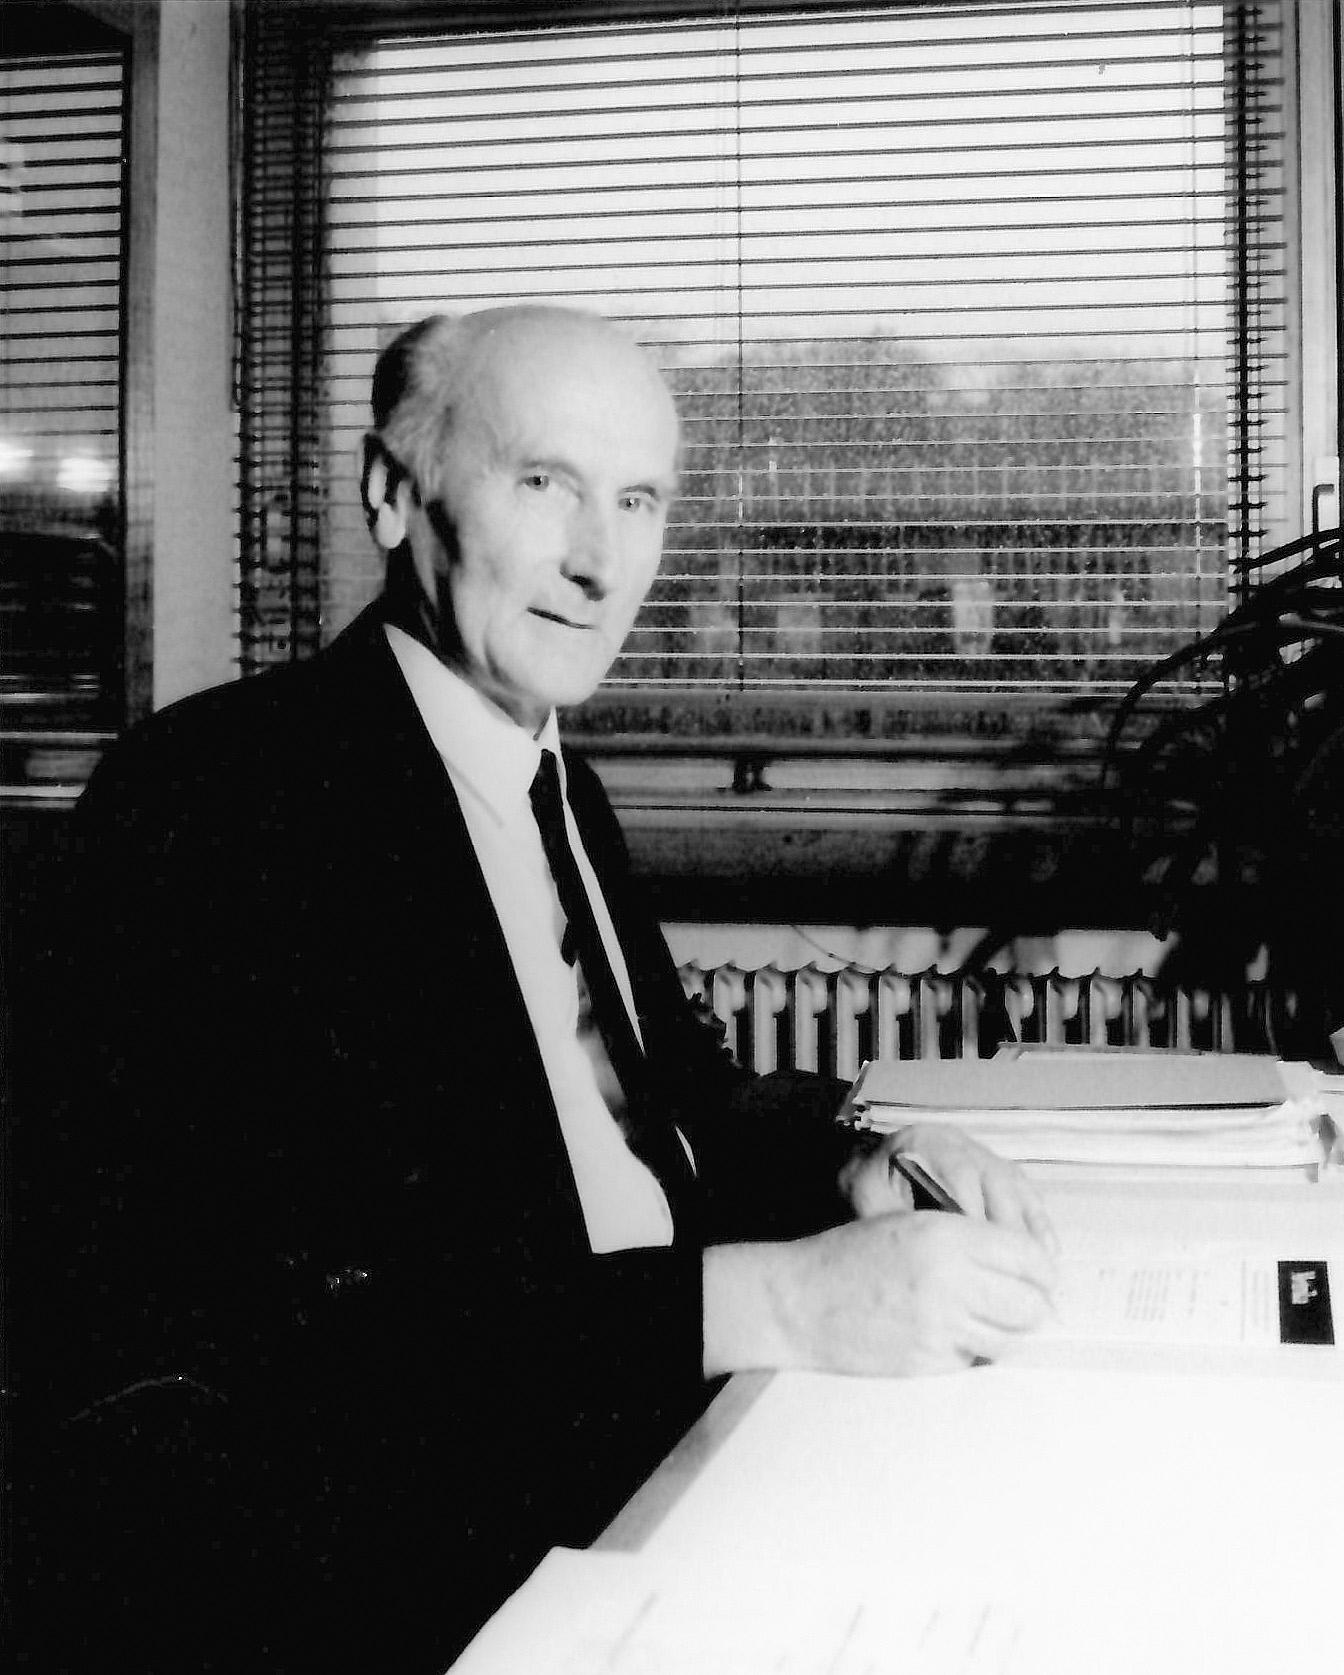 Nedožité 90. narozeniny prof. Likeše